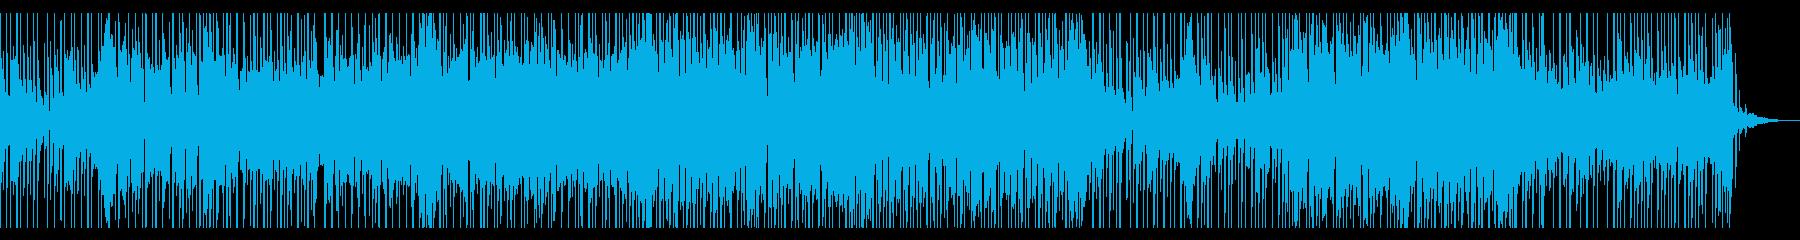 切なく怪しげな感じが印象的なBGMの再生済みの波形